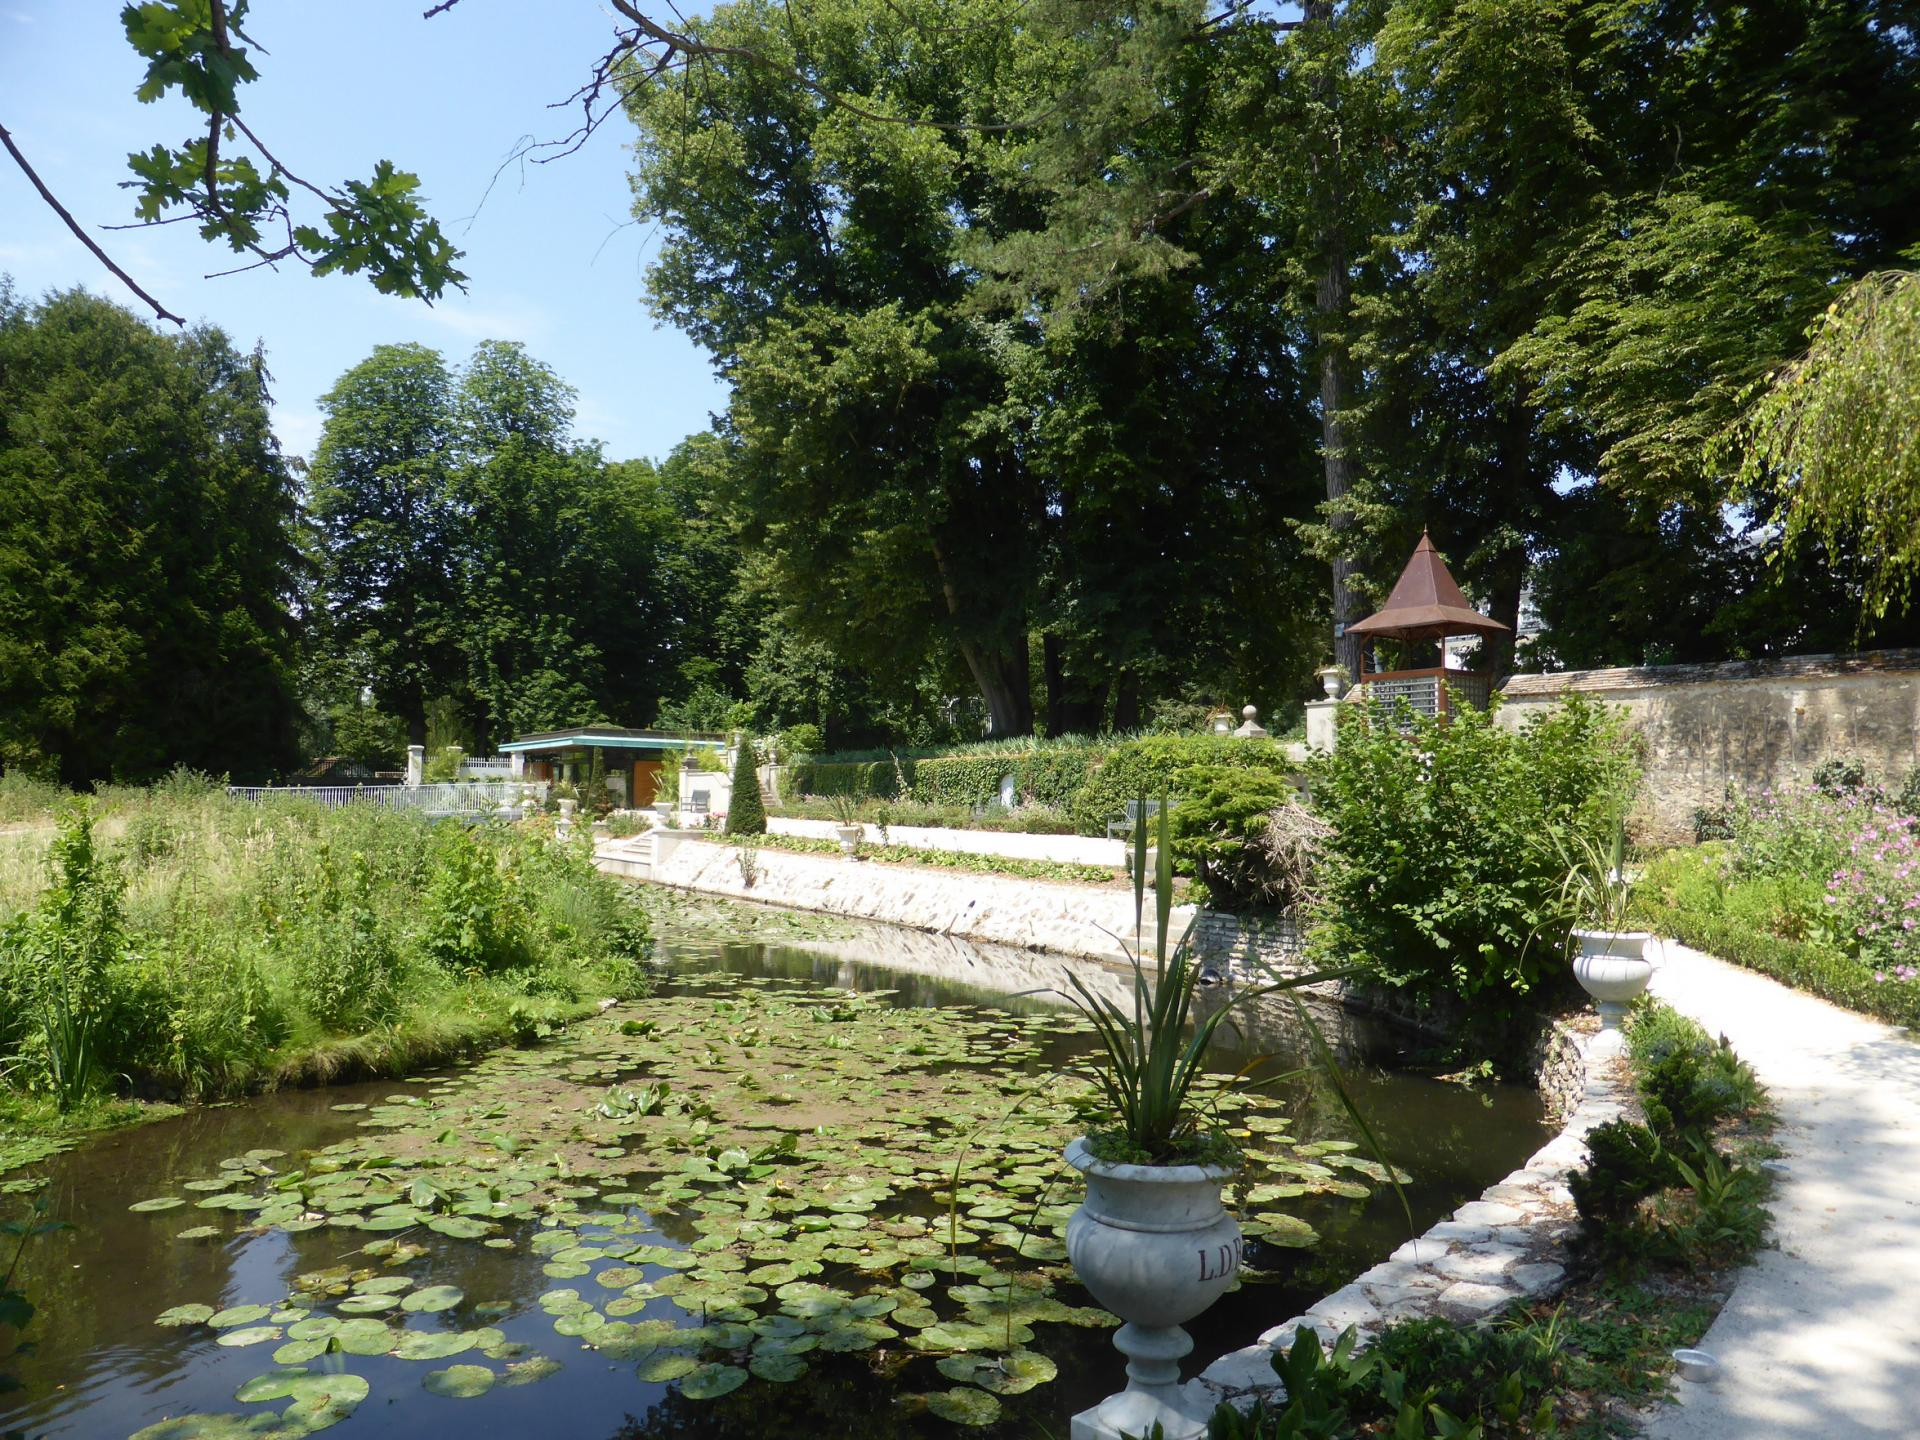 L'Essonne au pied de la terrasse du jardin, cliché Ph. Cachau